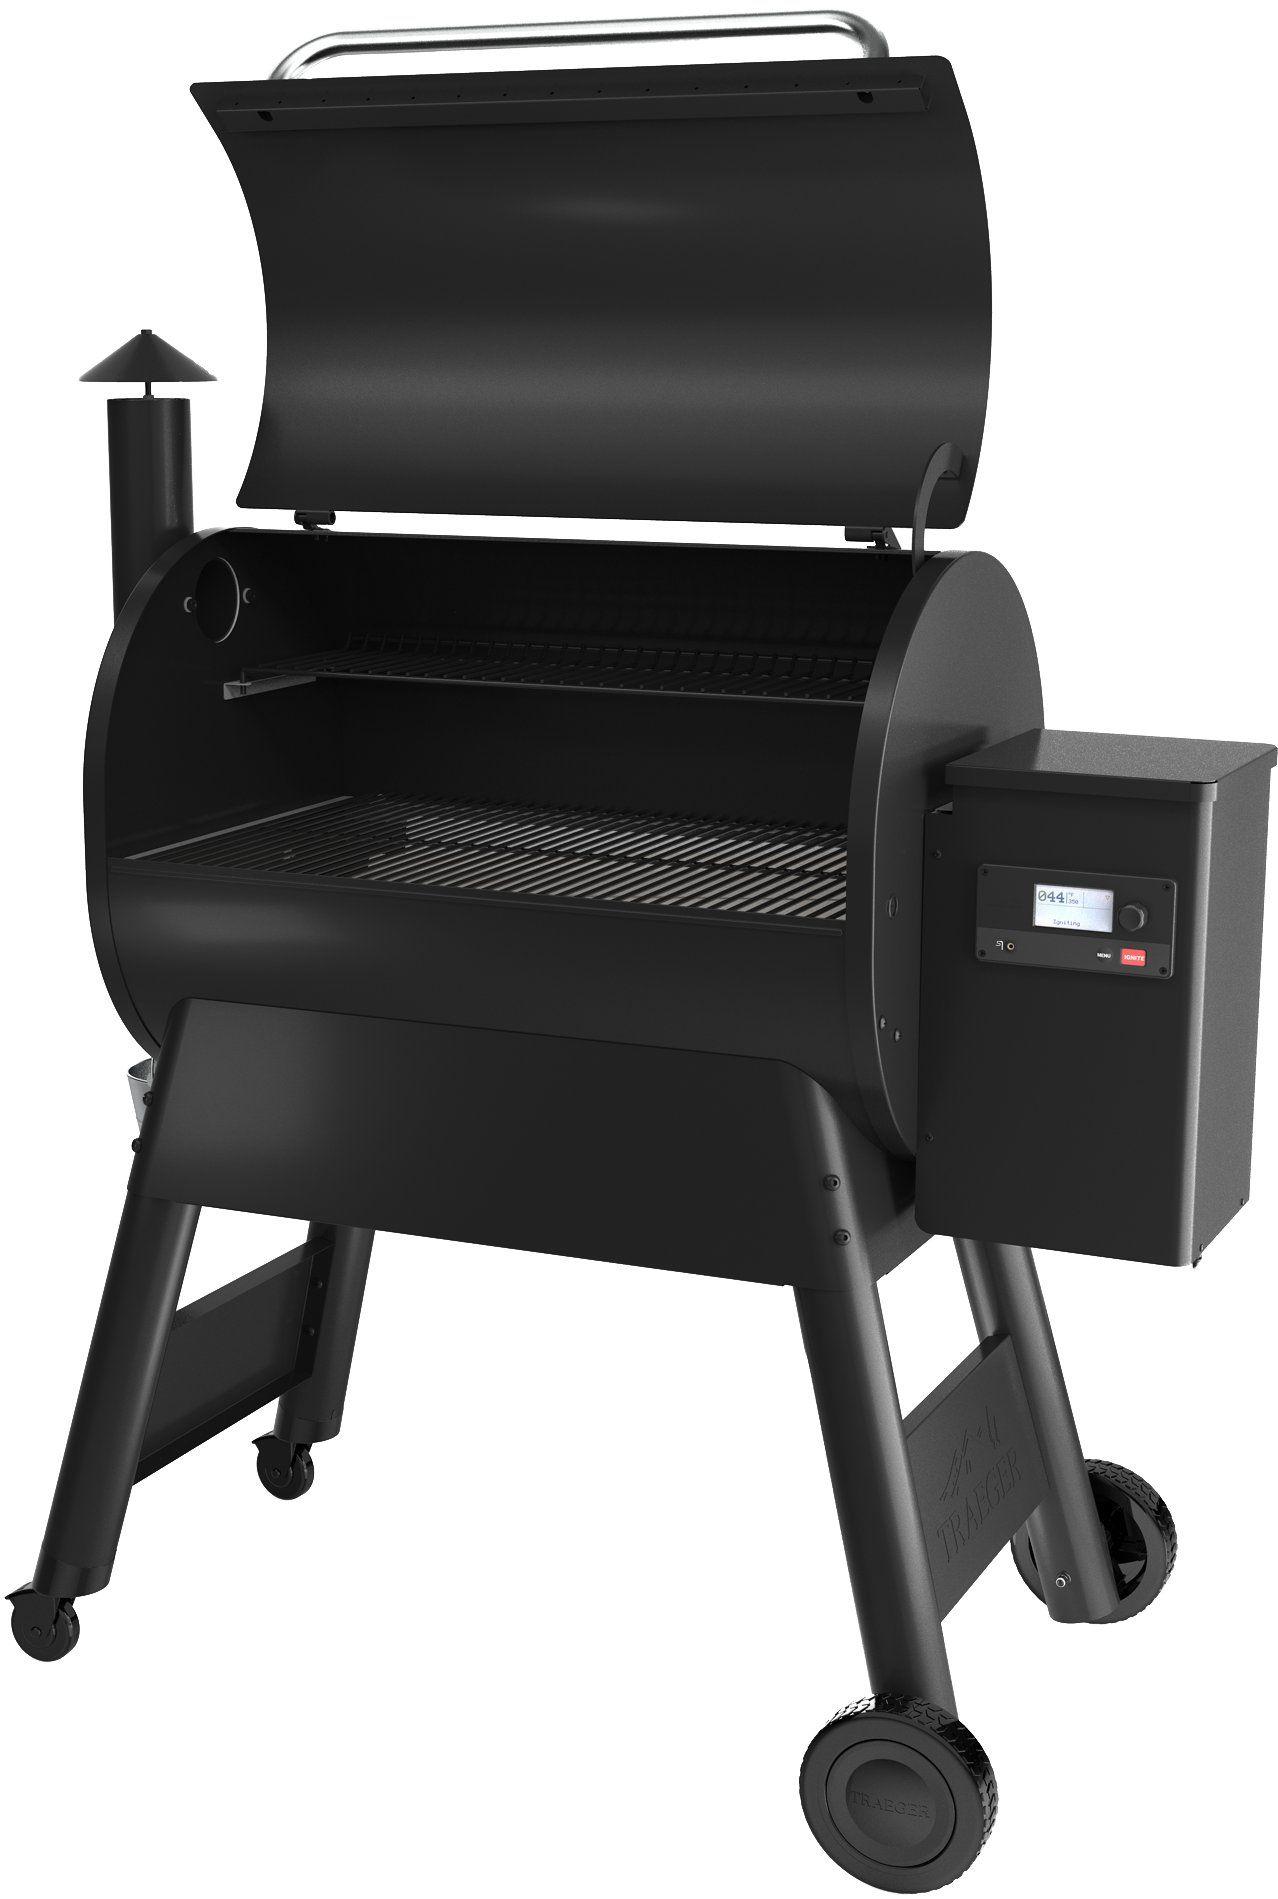 Traeger Pro 780 Black Pellet Grill 2nd Generation Pellet